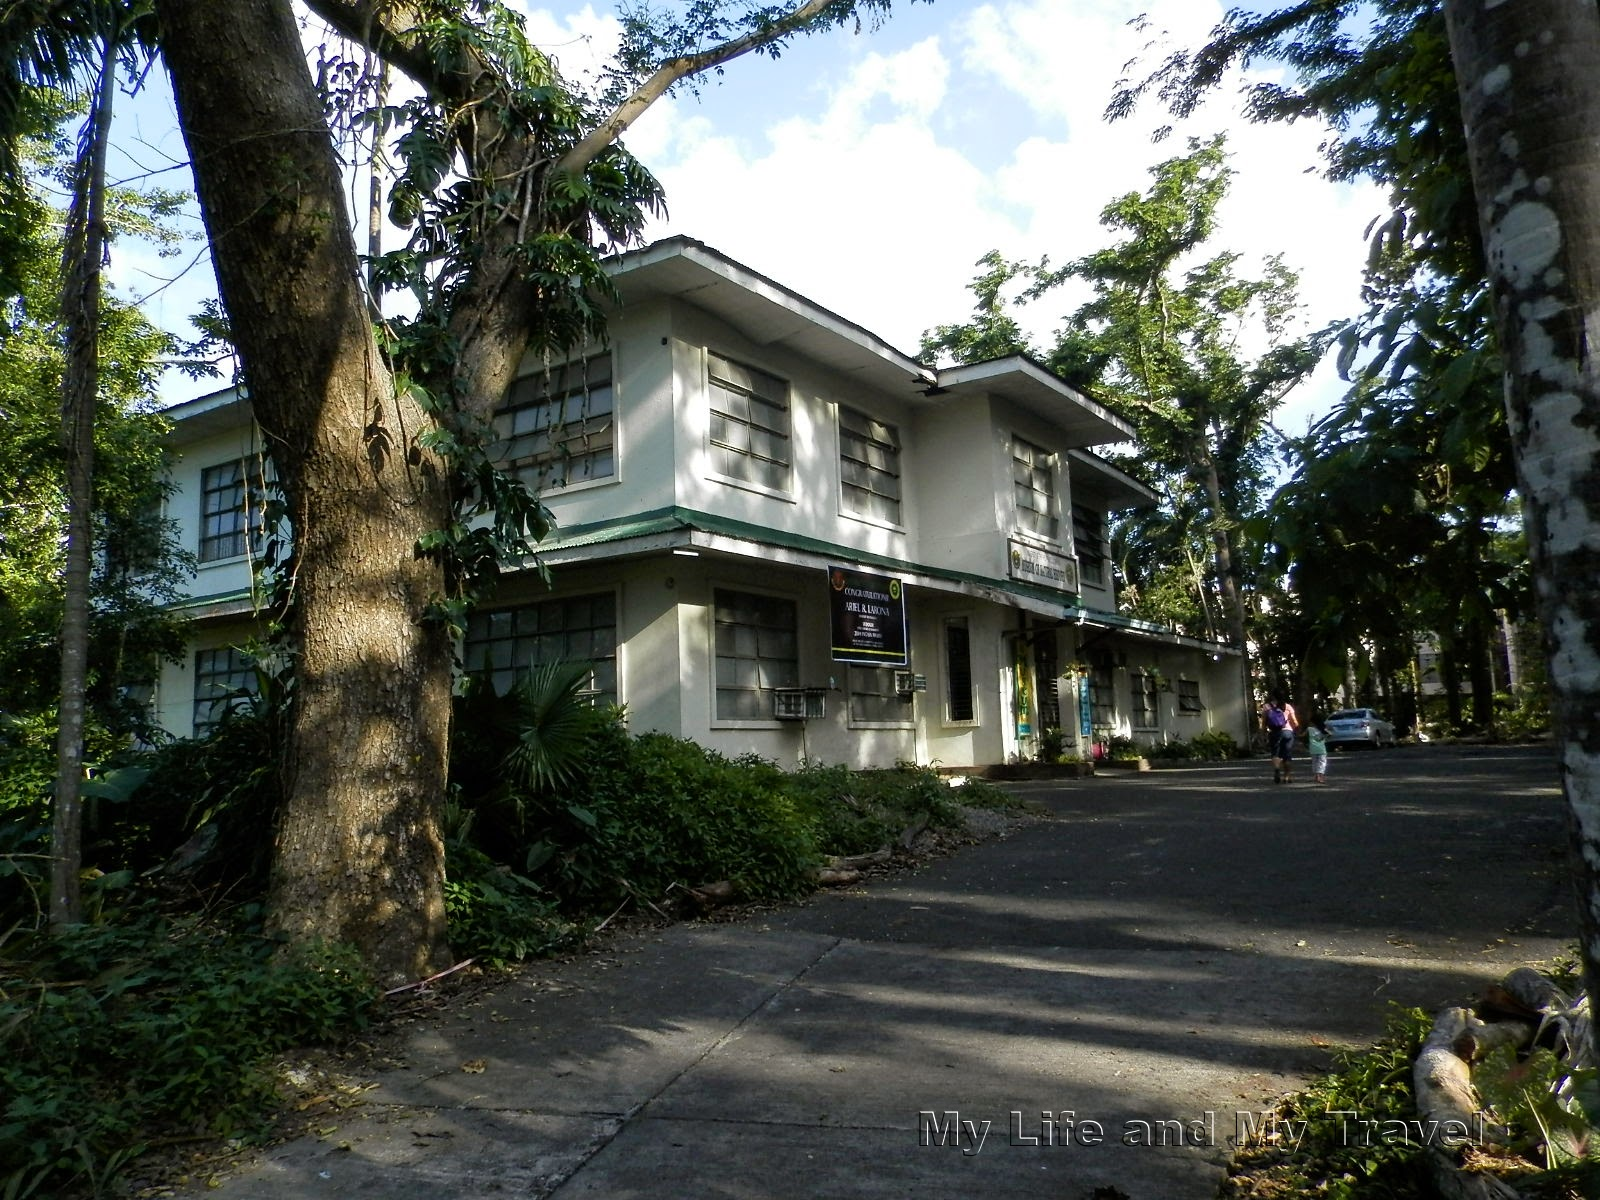 Photo Source: mylifeandtravel.blogspot.com